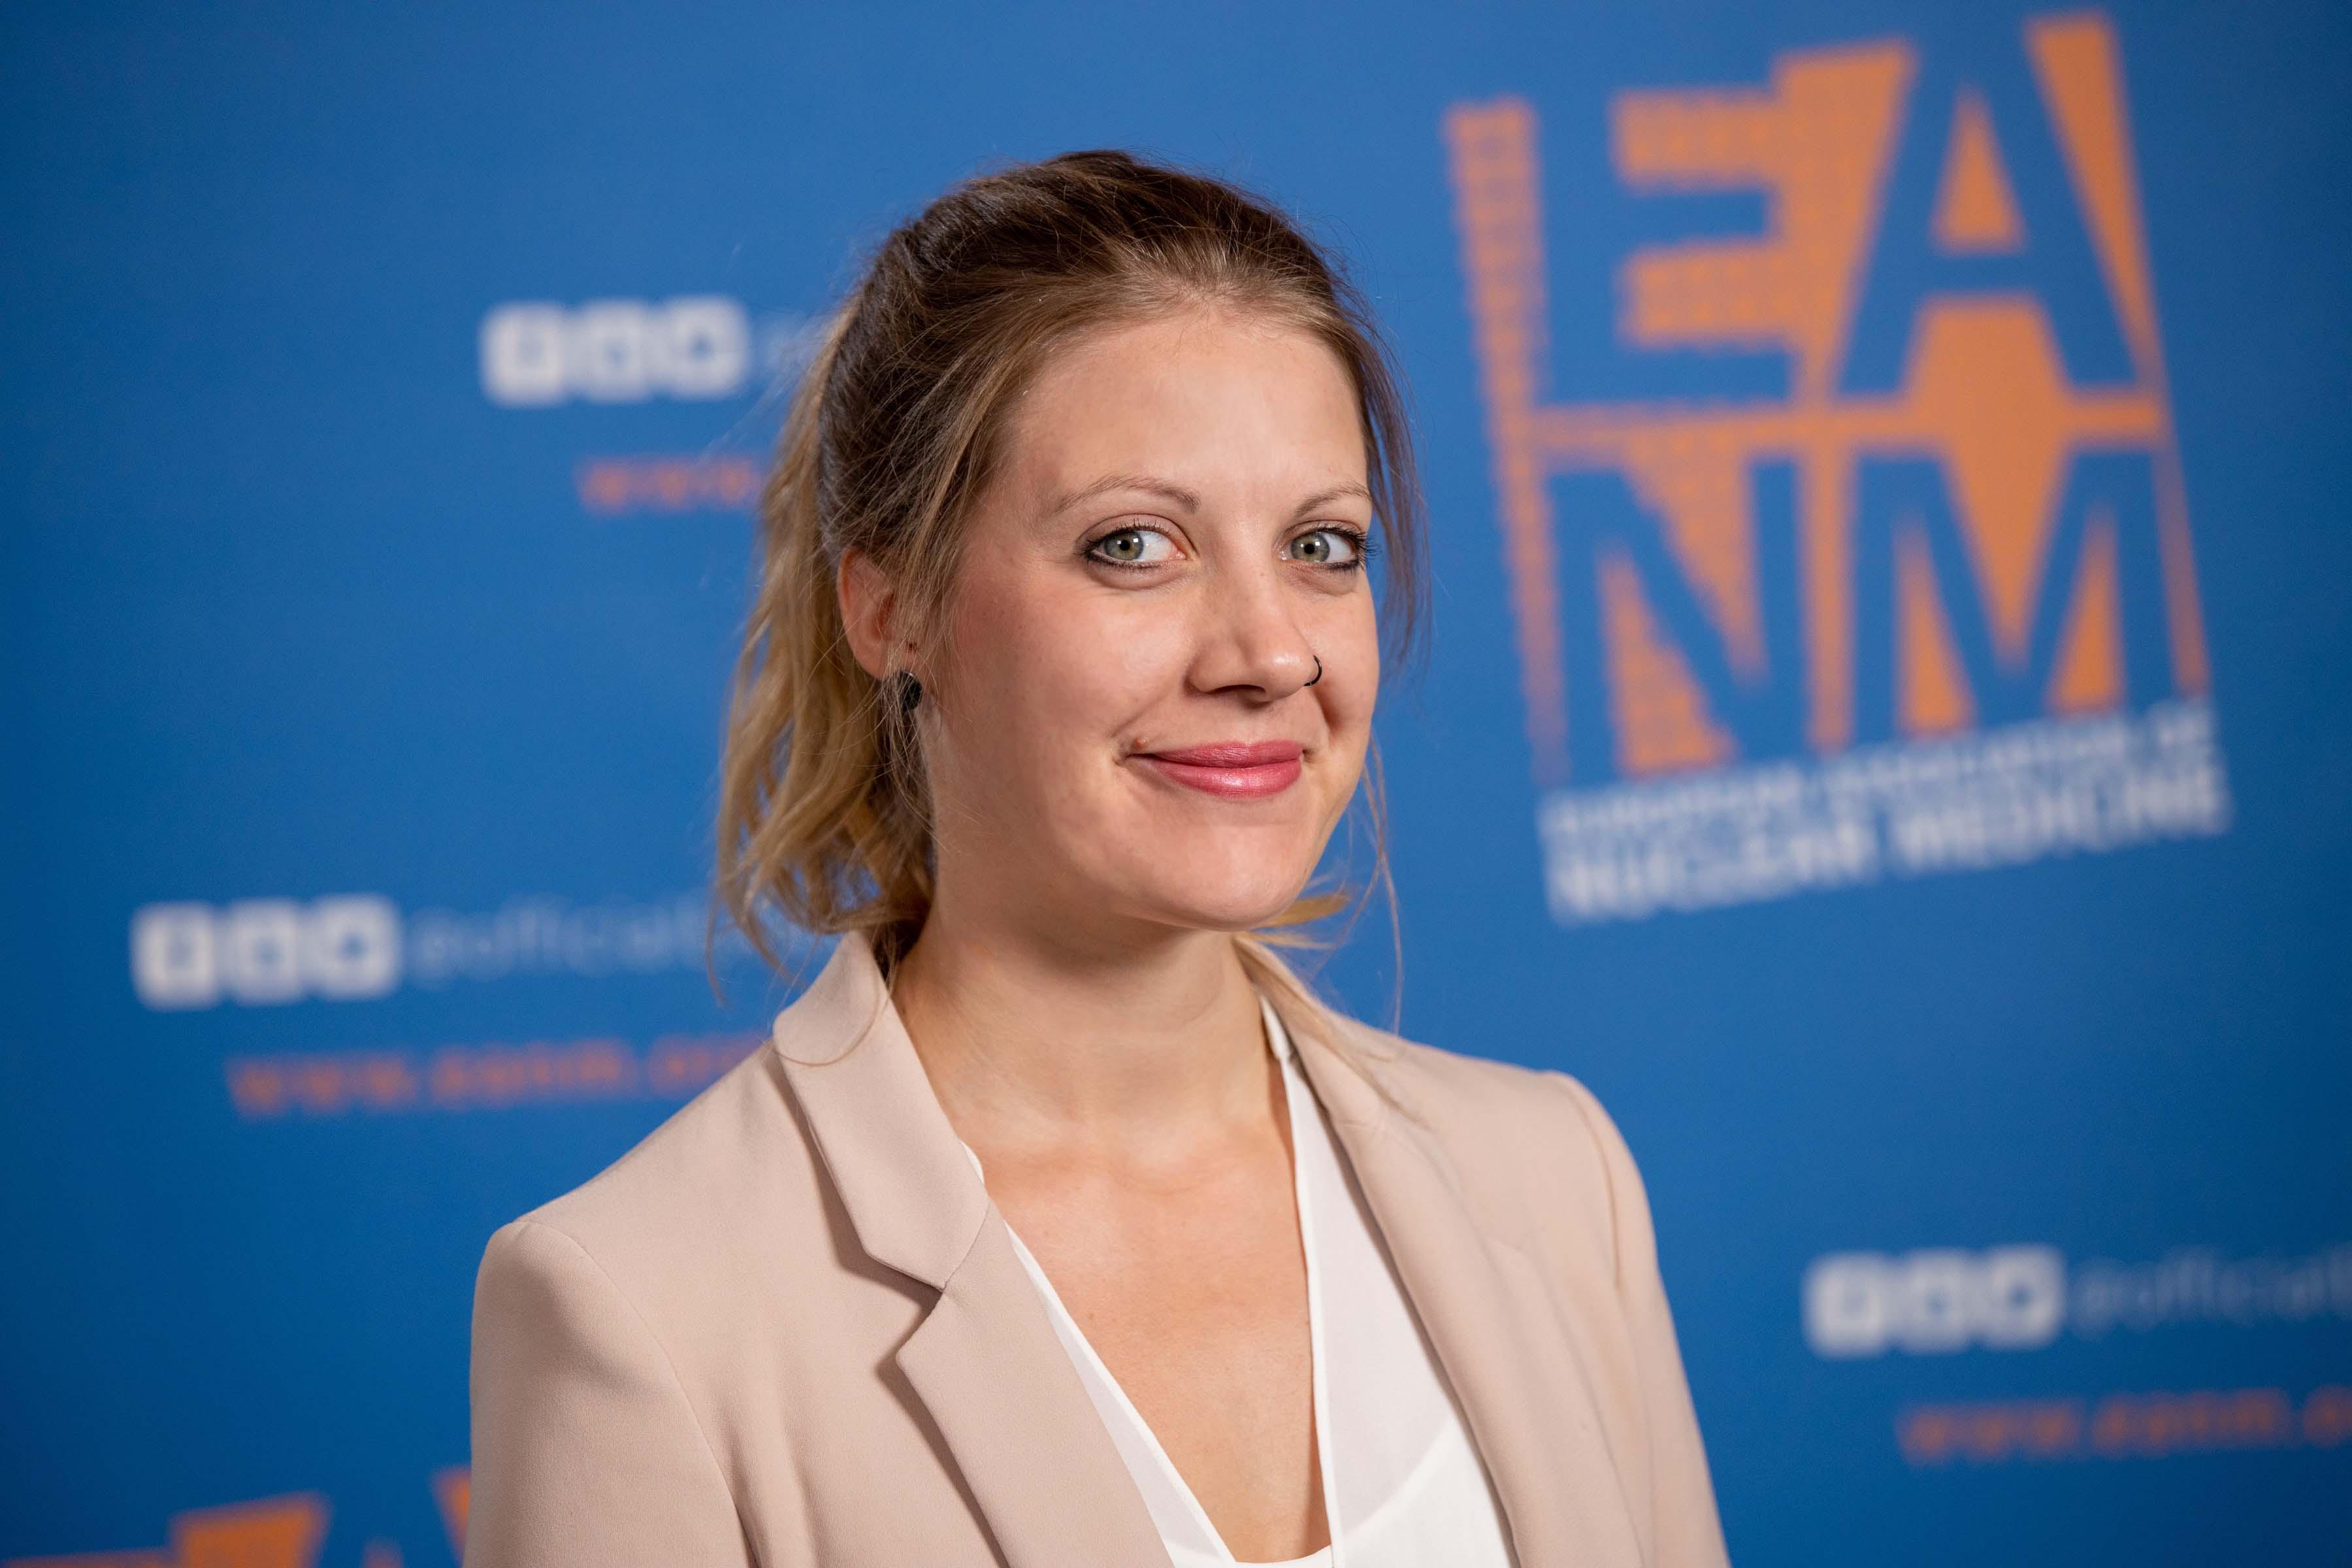 Veronika Hesse